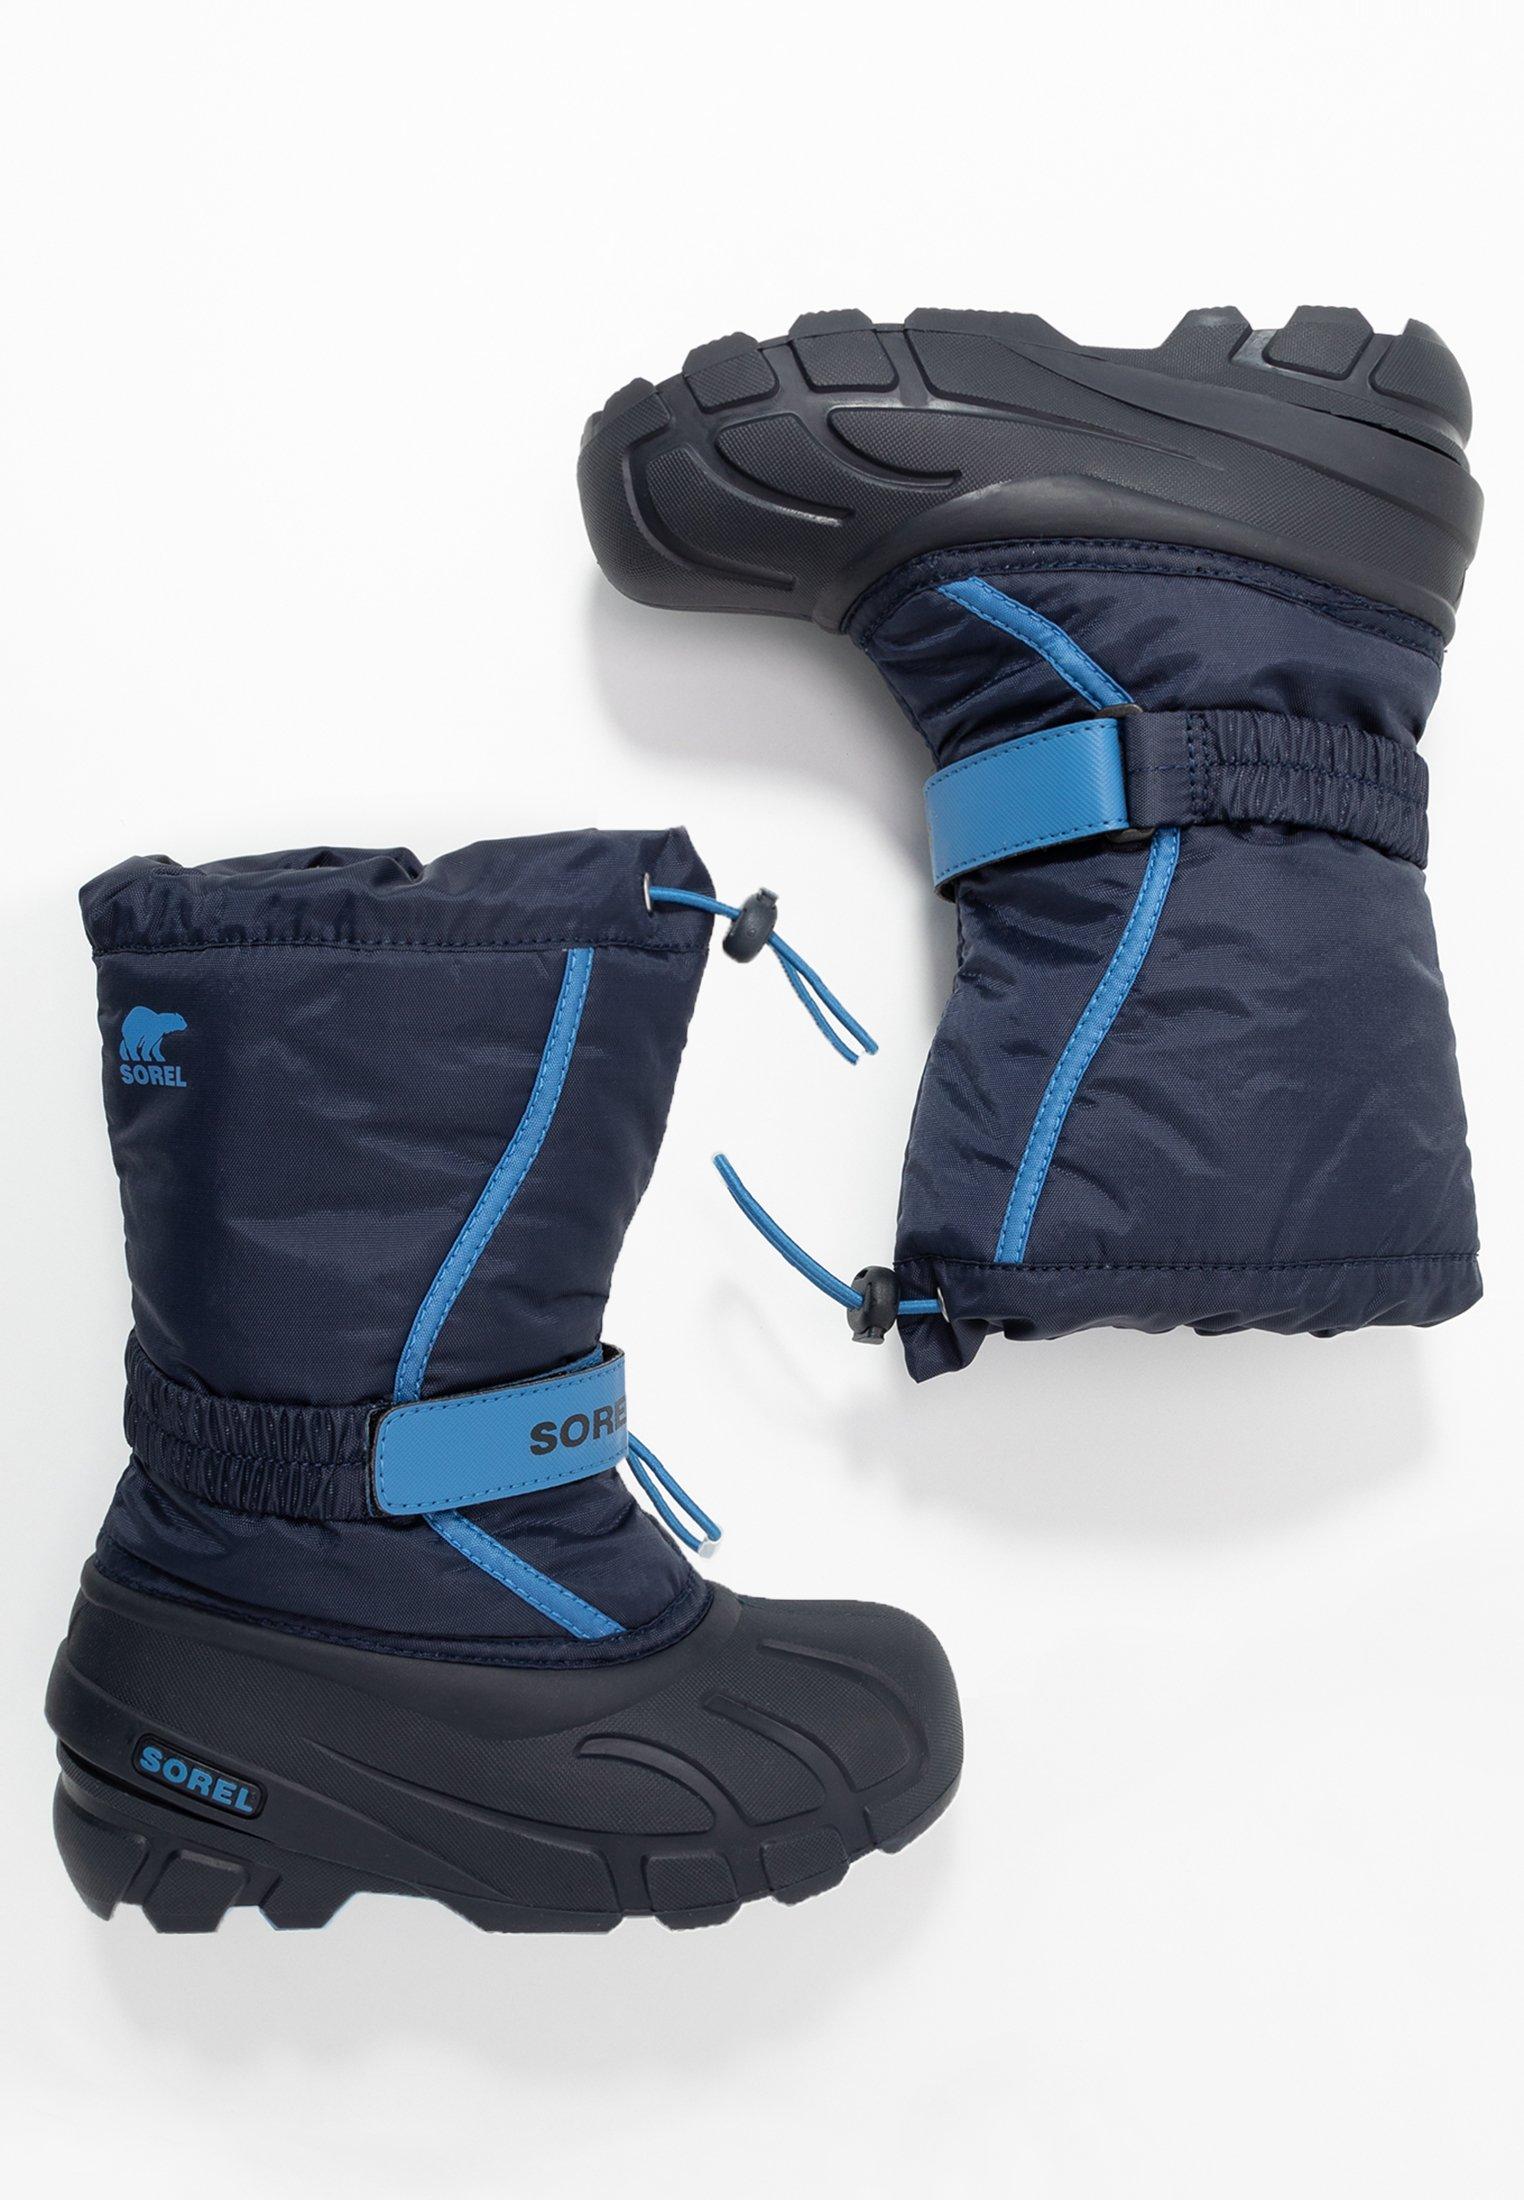 Blå Sorel Børnetøj & sko | Sko og tøj til piger og drenge